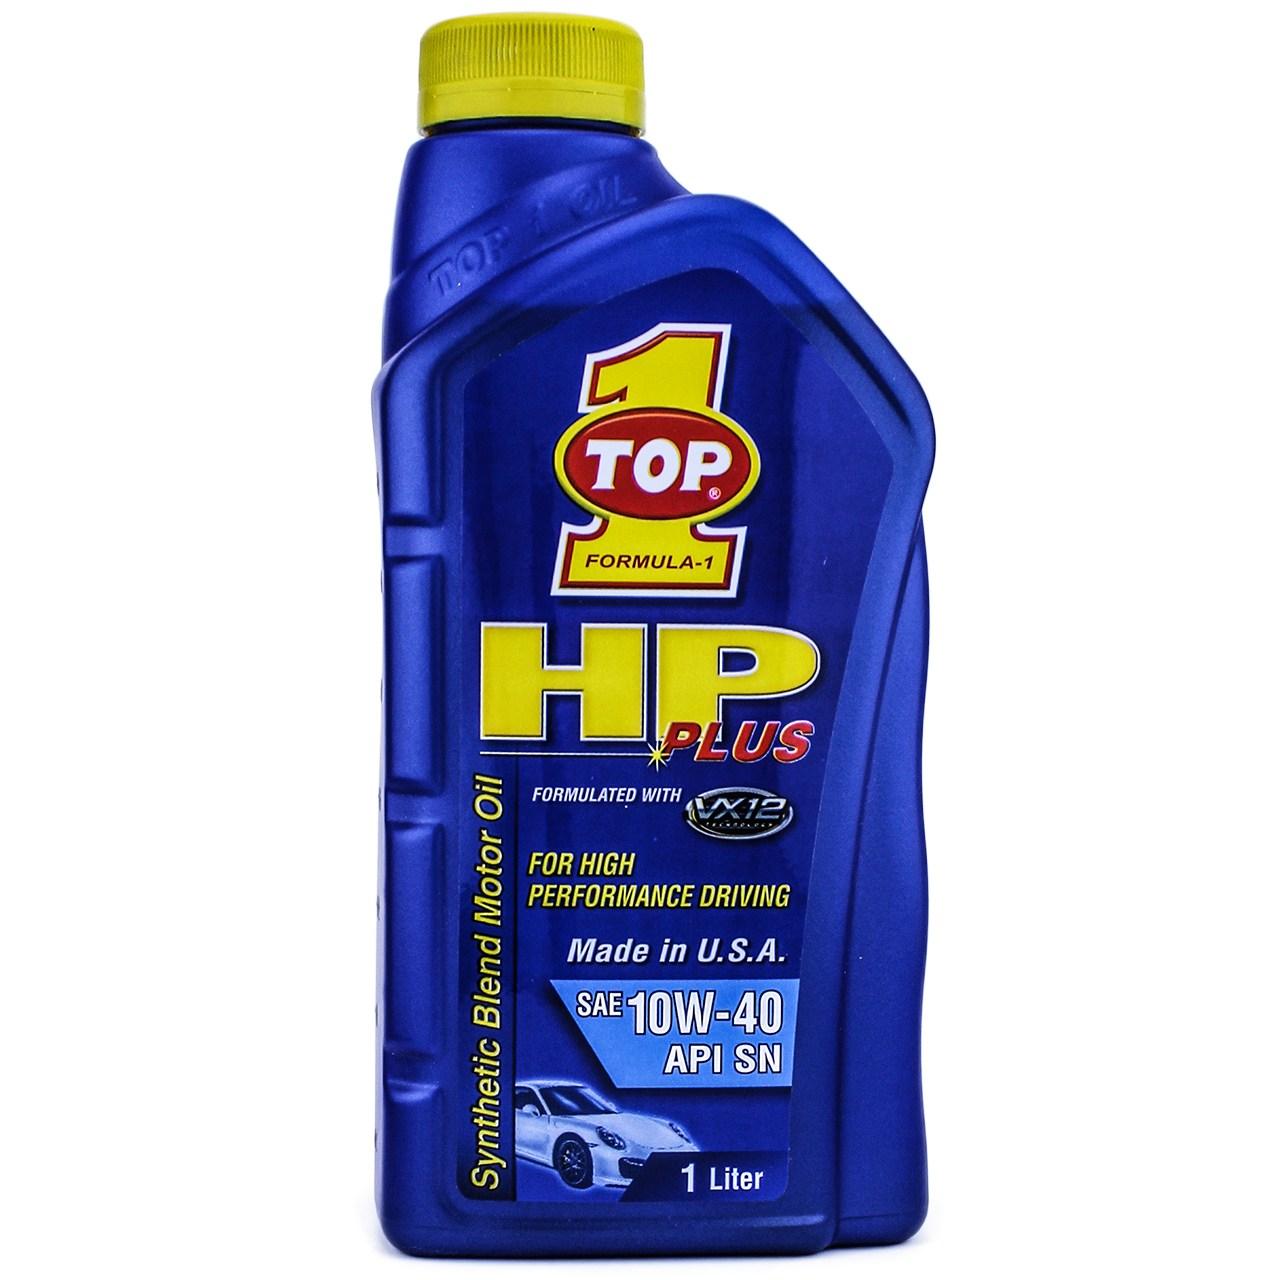 روغن موتور خودرو تاپ وان مدل HP Plus 10W-40 حجم 1 لیتر